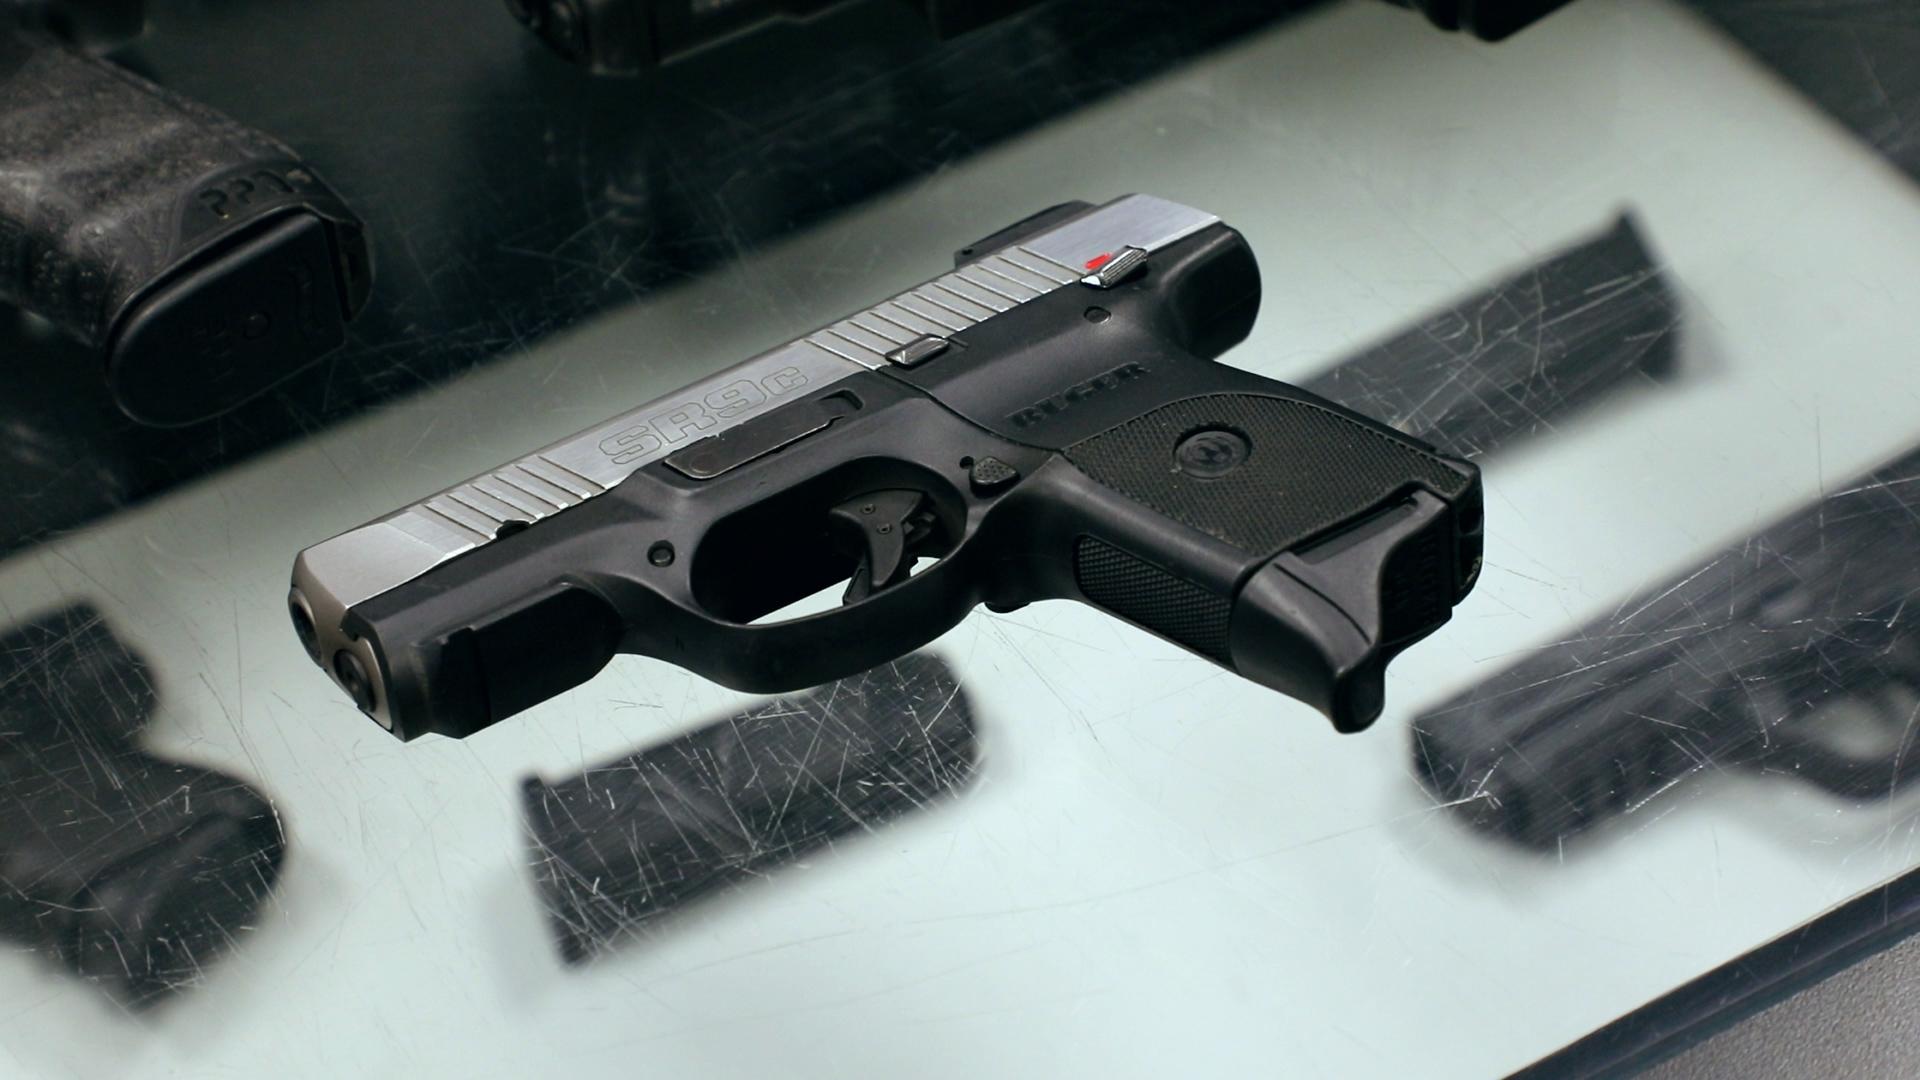 GUN OWNERSHIP_1517518118832.jpg.jpg